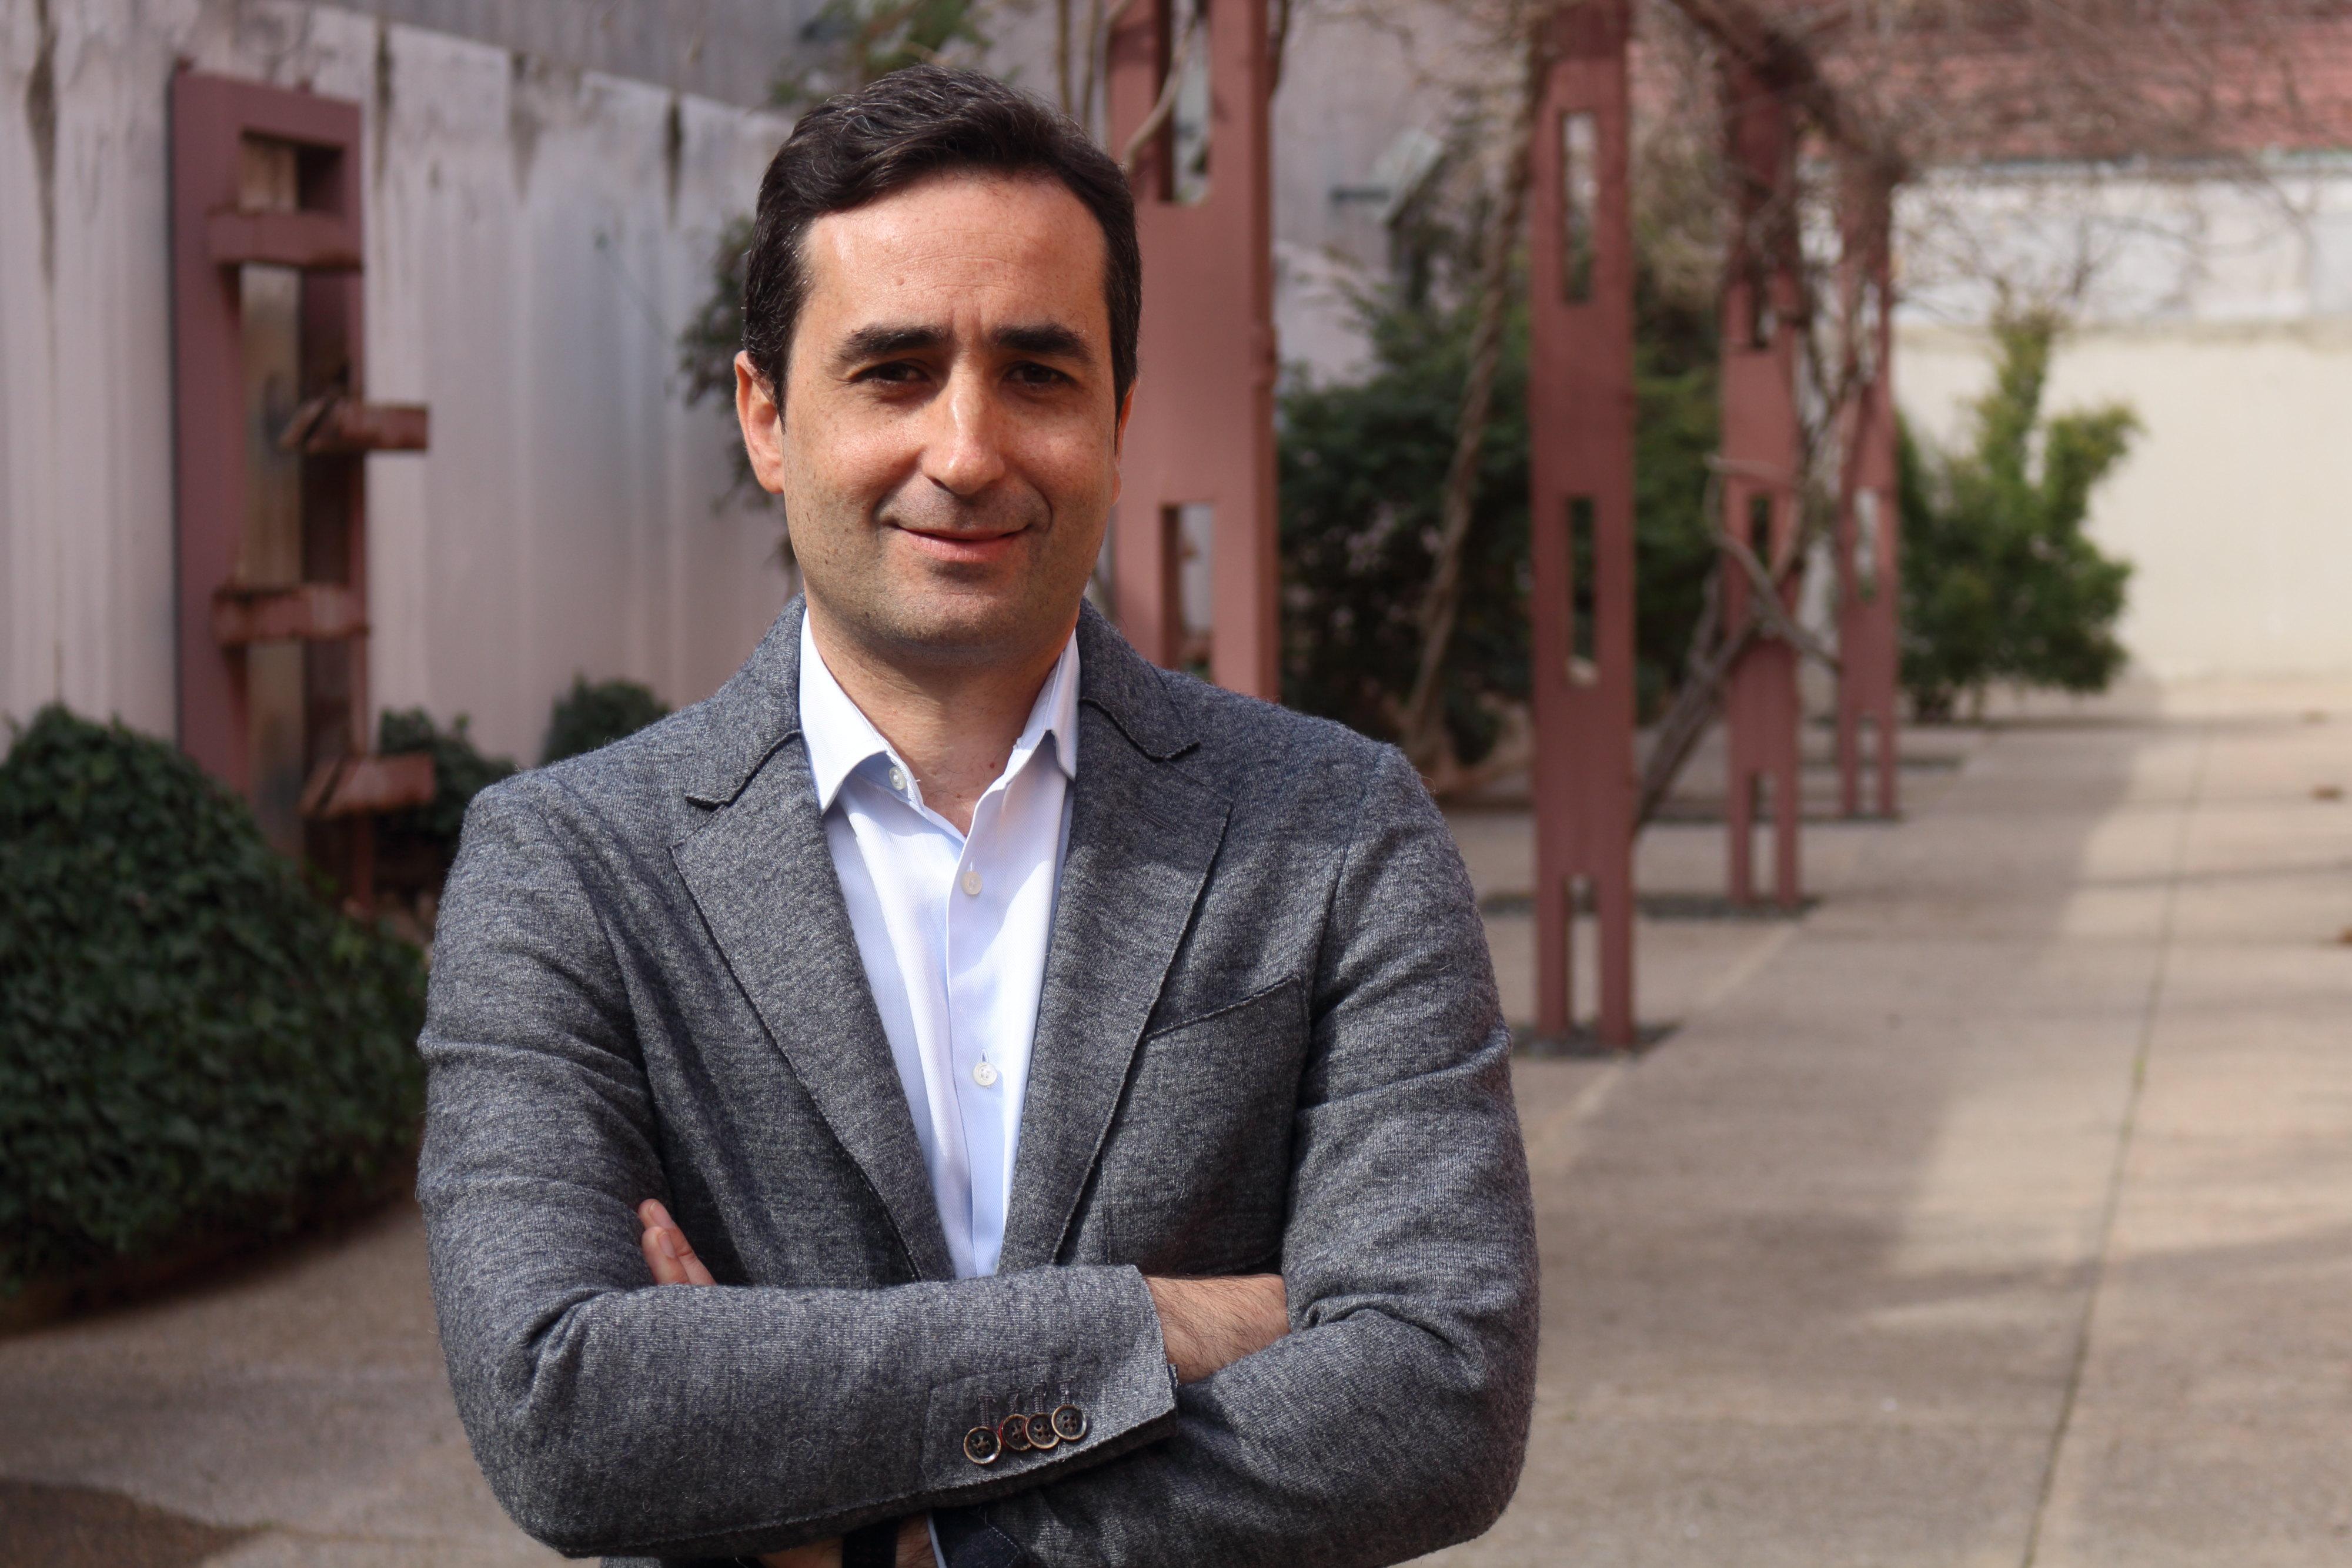 Enrique Jiménez Rodríguez, director del Máster Oficial en Finanzas y Banca de la UPO.